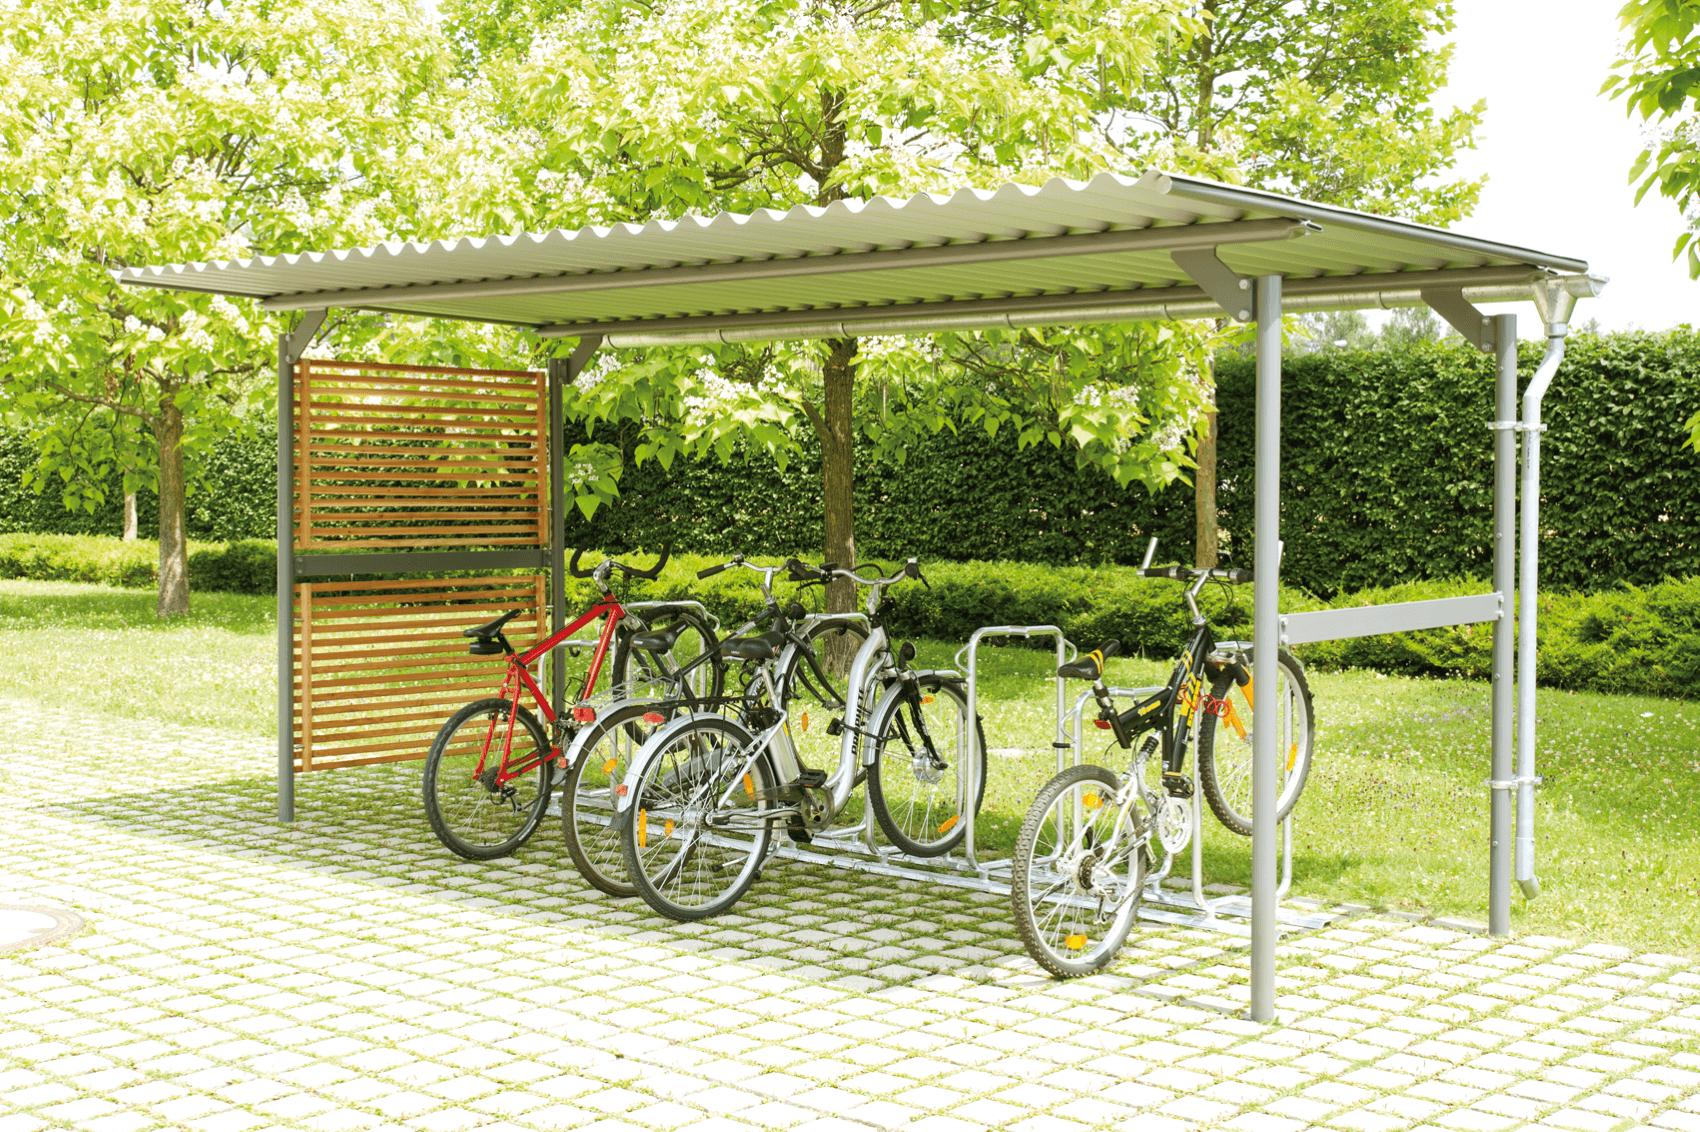 17 Fahrraduberdachung Holz Uberdachung Holz Selber Bauen Garten Zen Garten